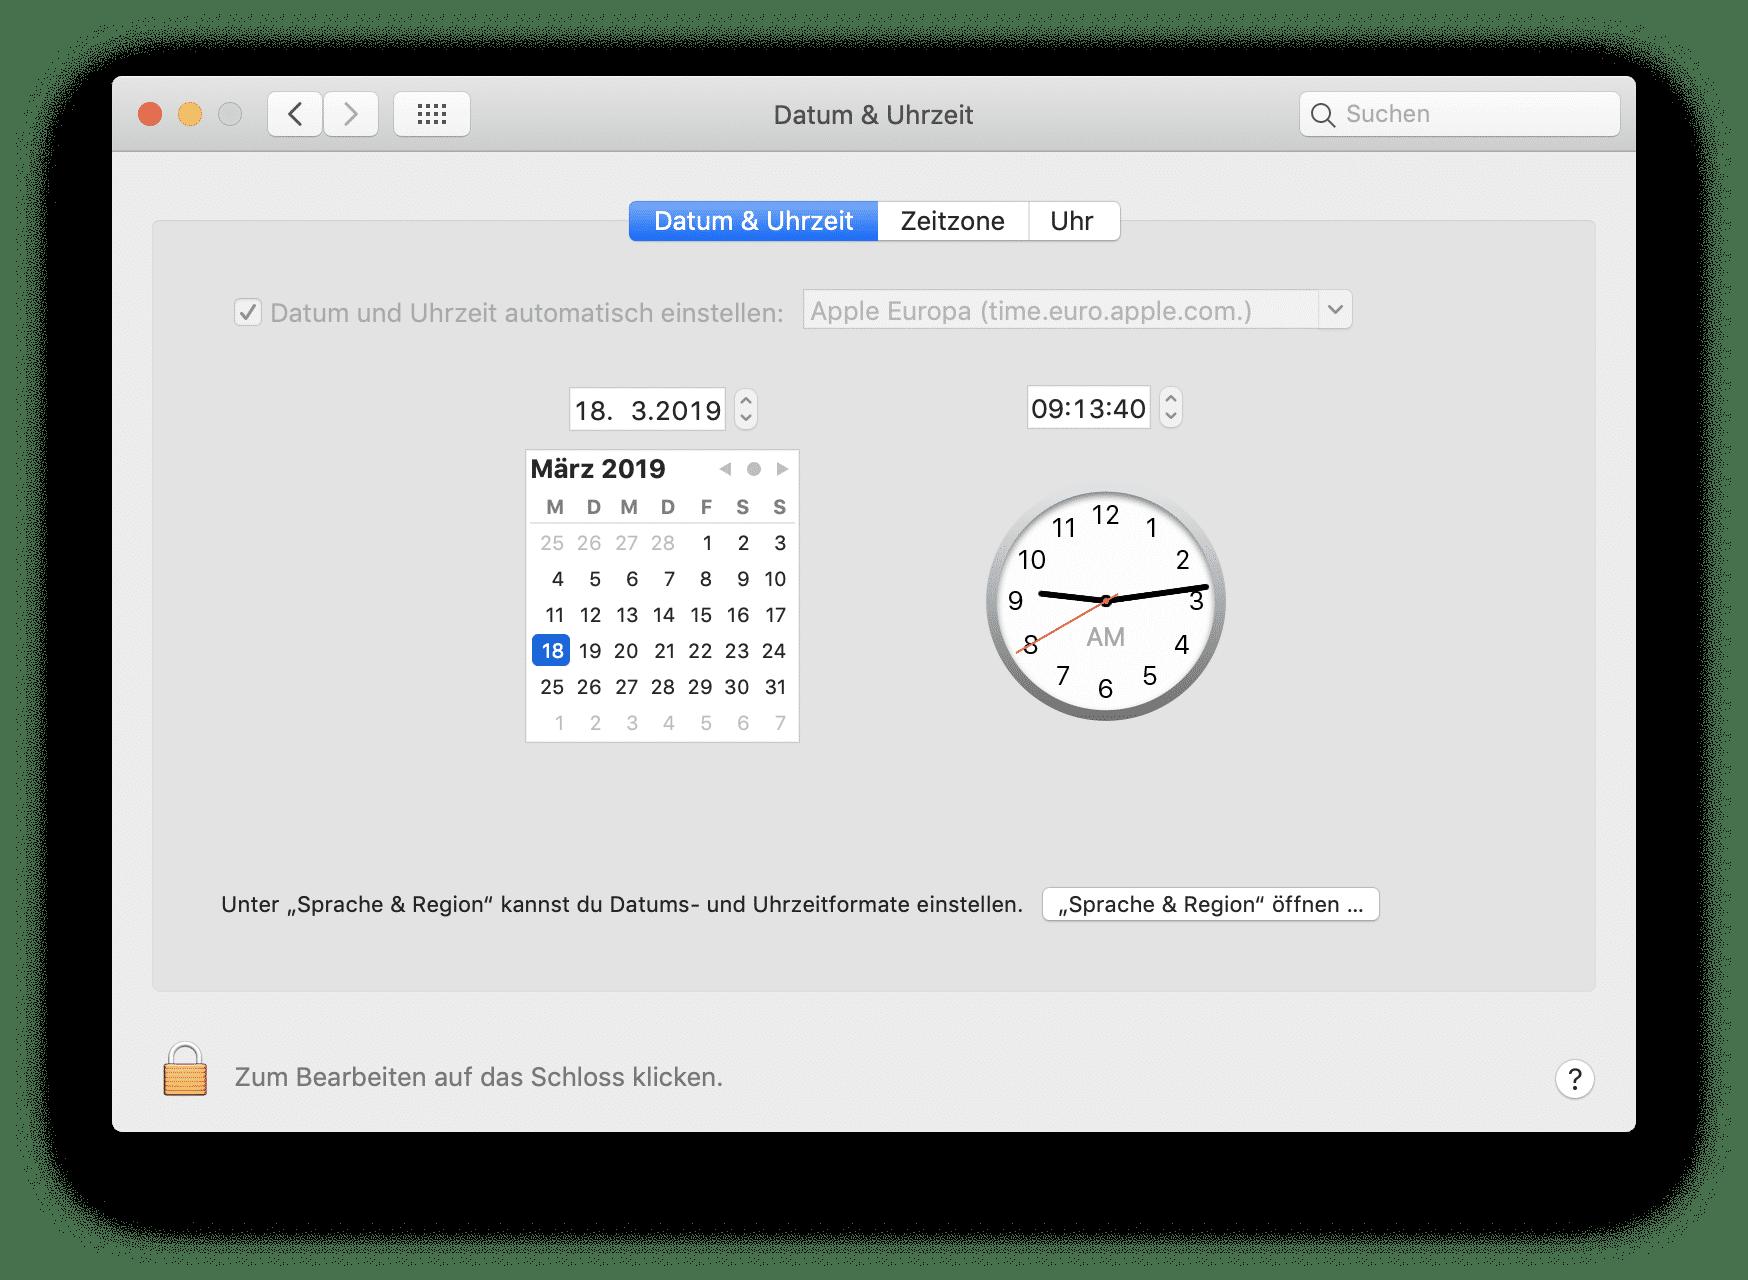 Das automatische Beziehen von Uhrzeitinformationen scheint ein Teil des Problems zu sein.